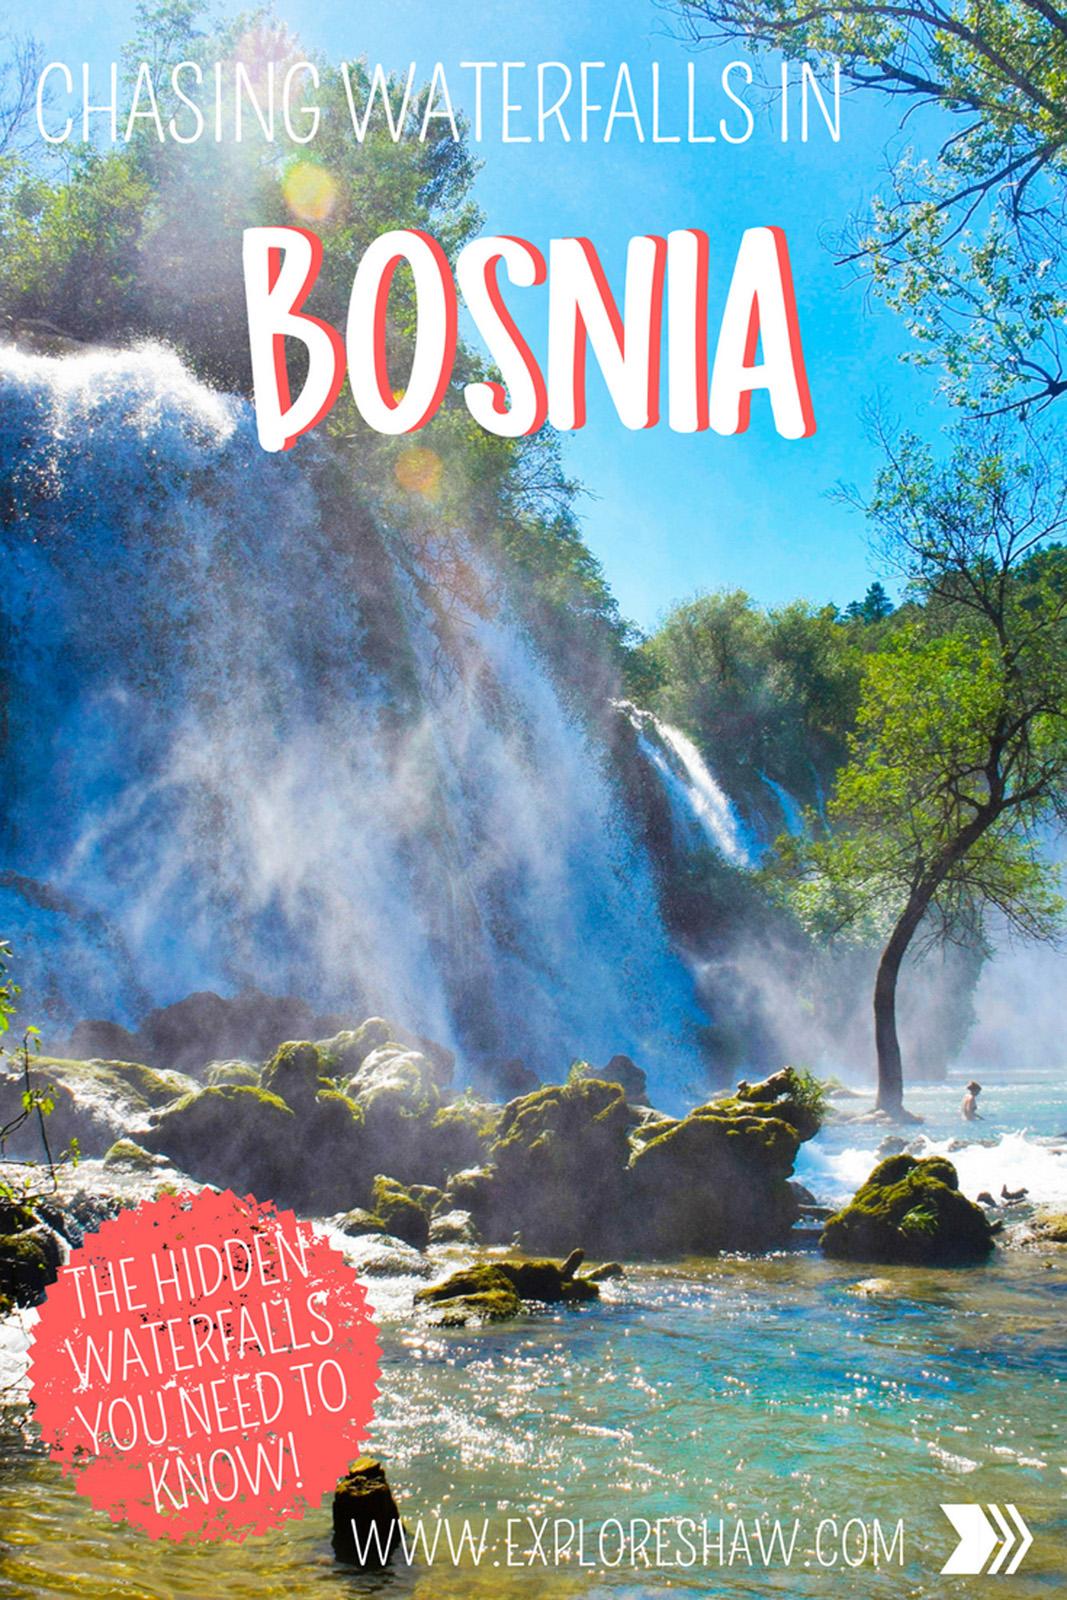 CASHING WATERFALLS IN BOSNIA